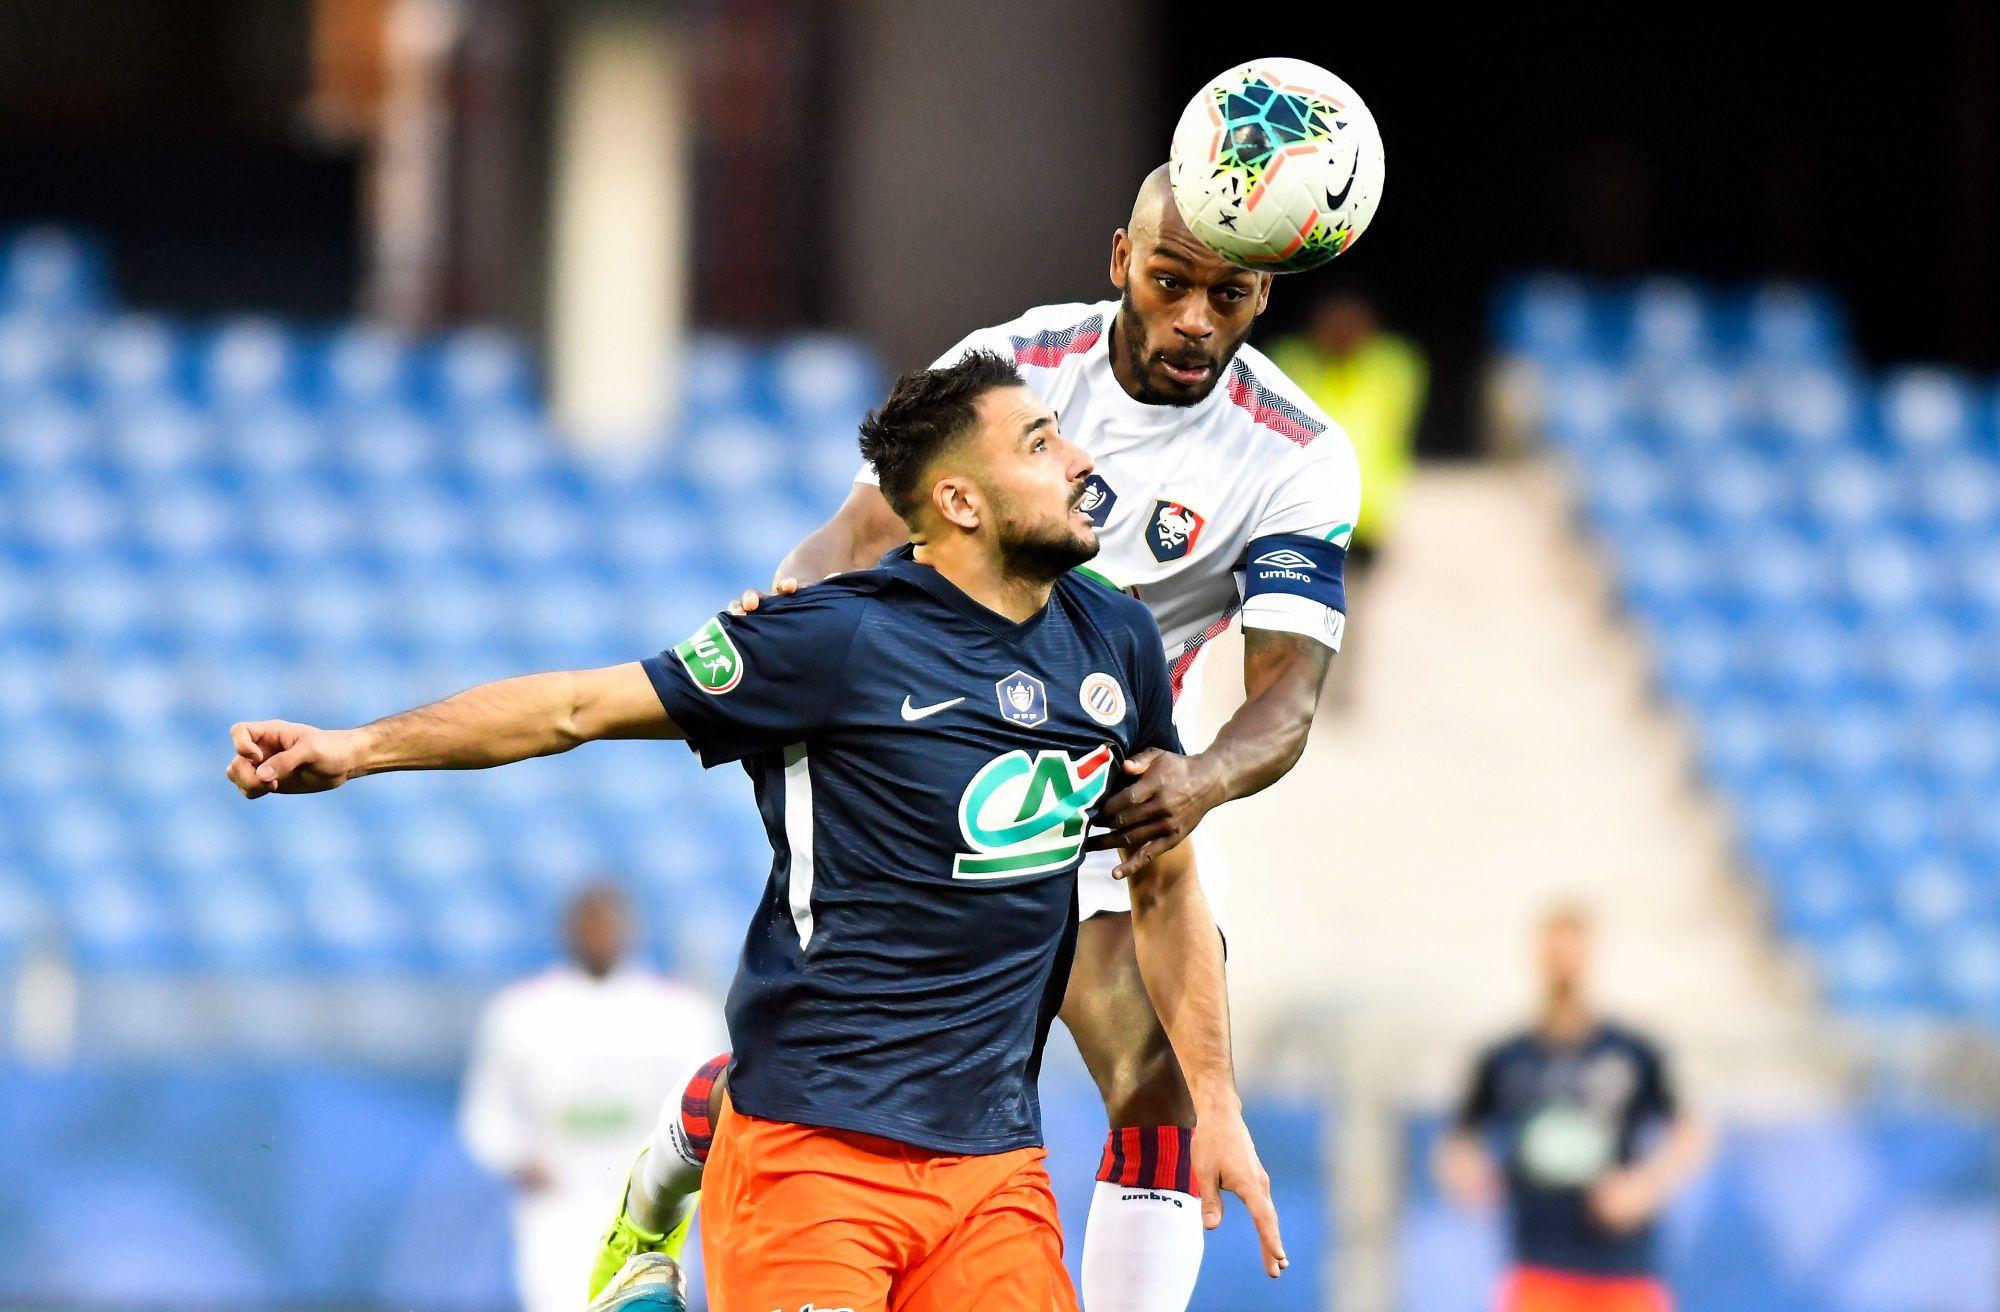 [Sondage] Malherbe doit-il jouer la Coupe de France à fond cette saison ?